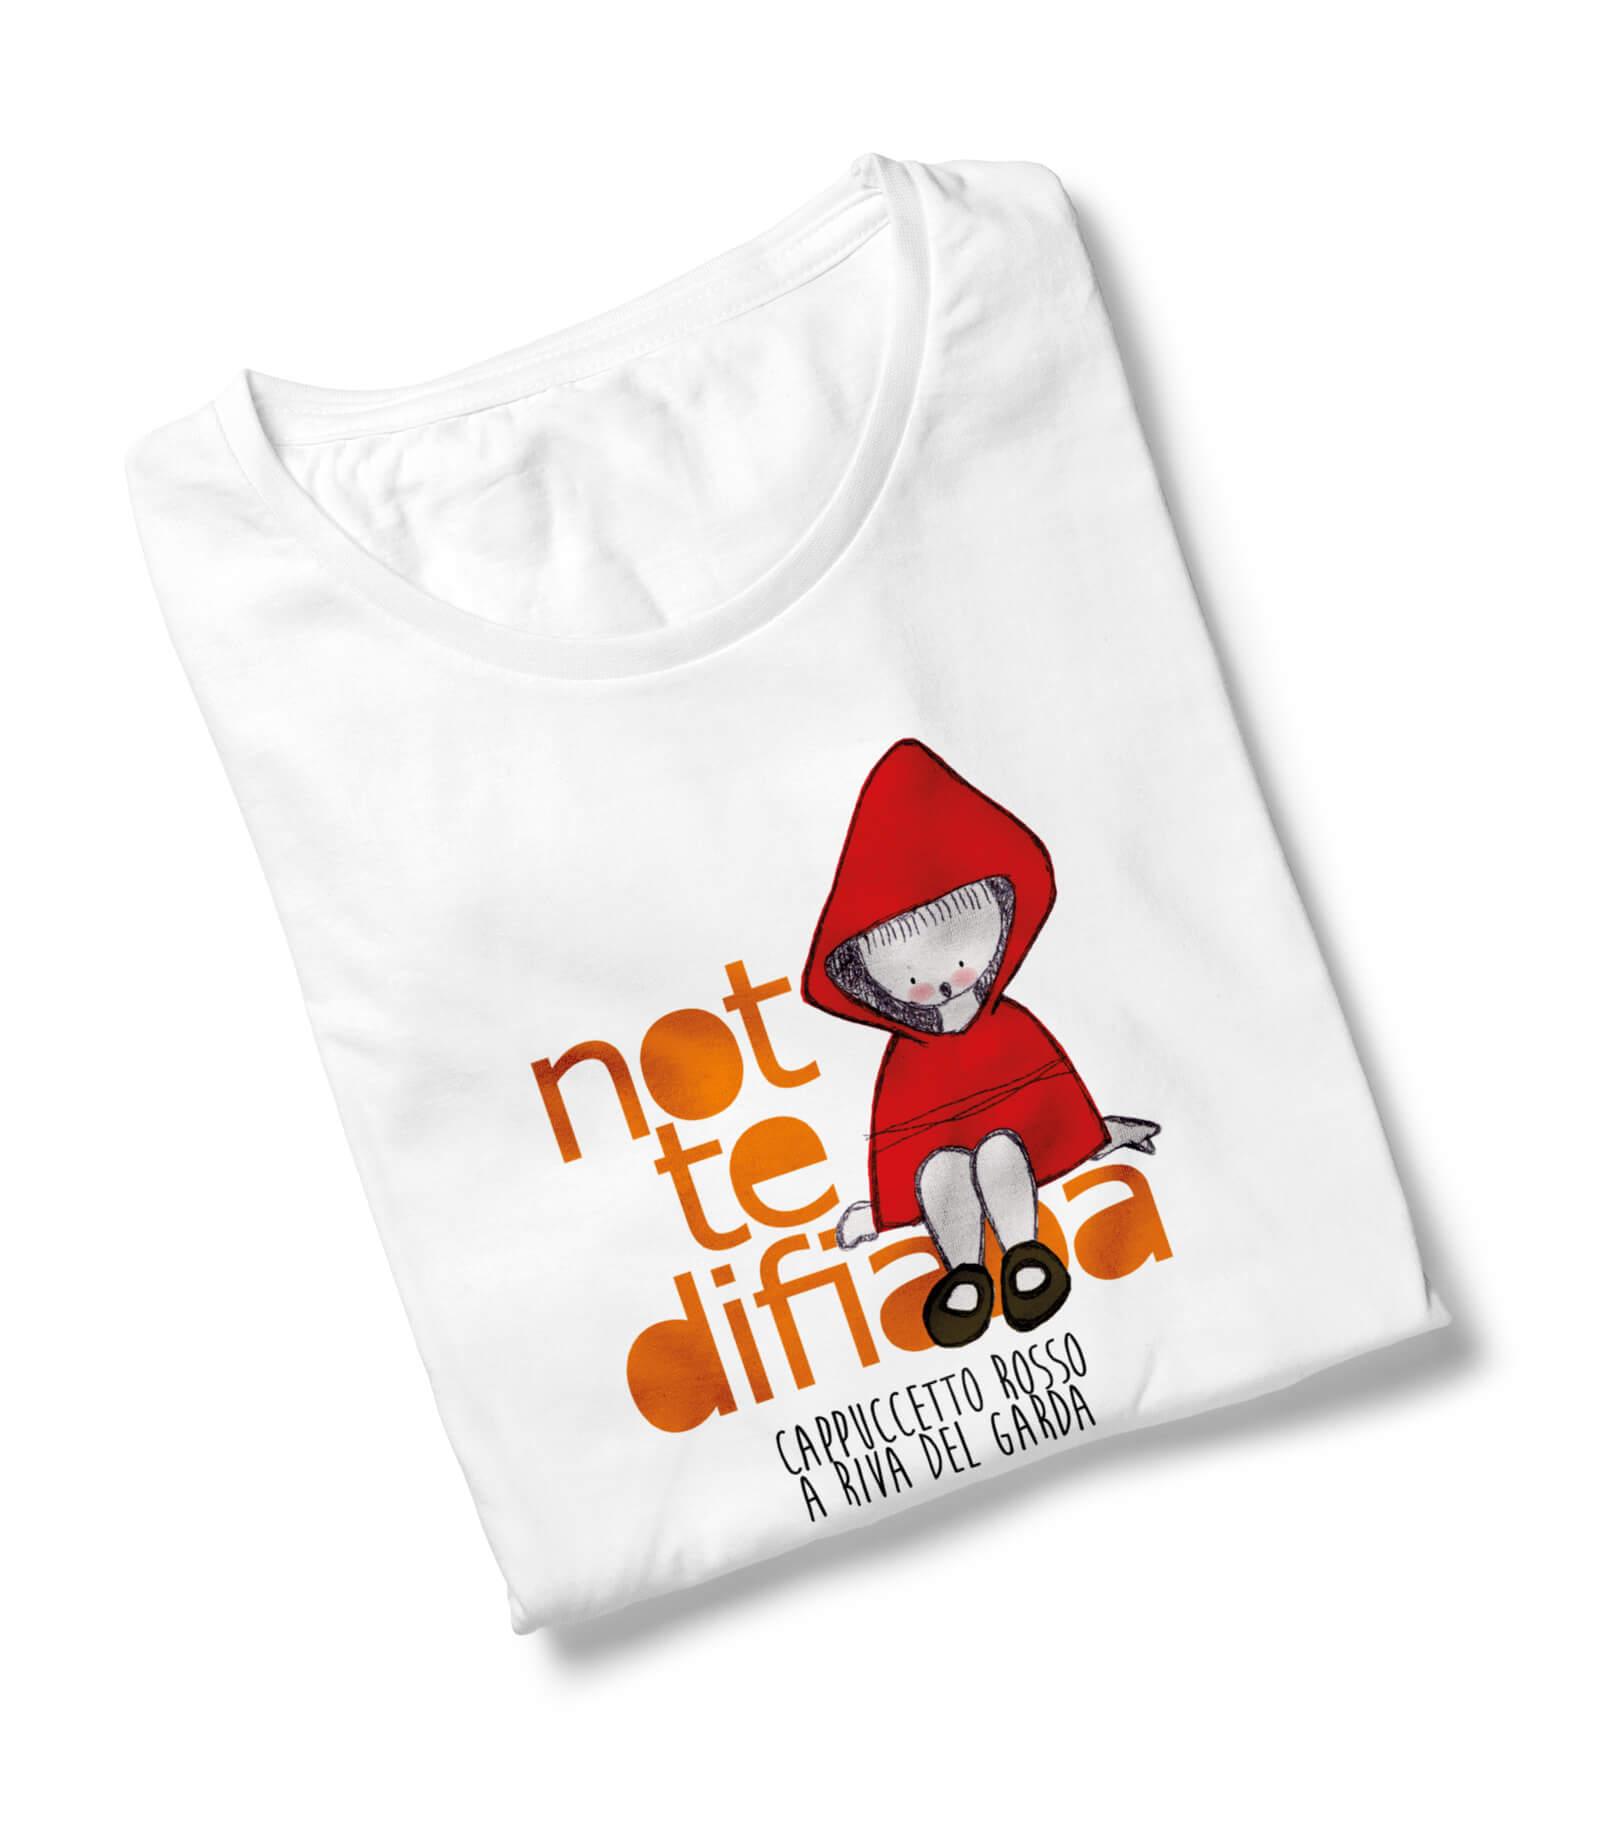 maglietta bianca con stampa a colori cretata per l'edizione di notte di fiaba cappuccetto rosso, dalla agenzia di comunicazione diadestudio di arco trento